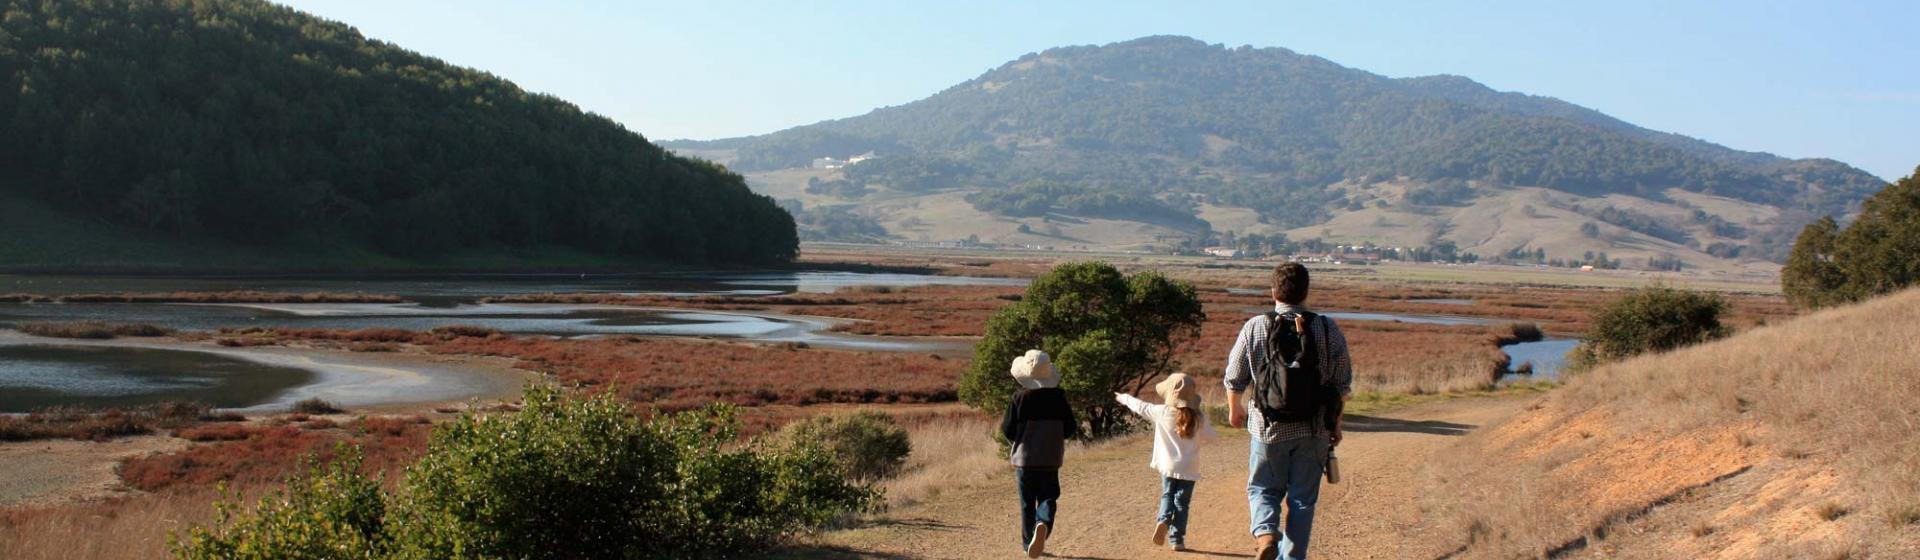 Fall family hikes in Marin